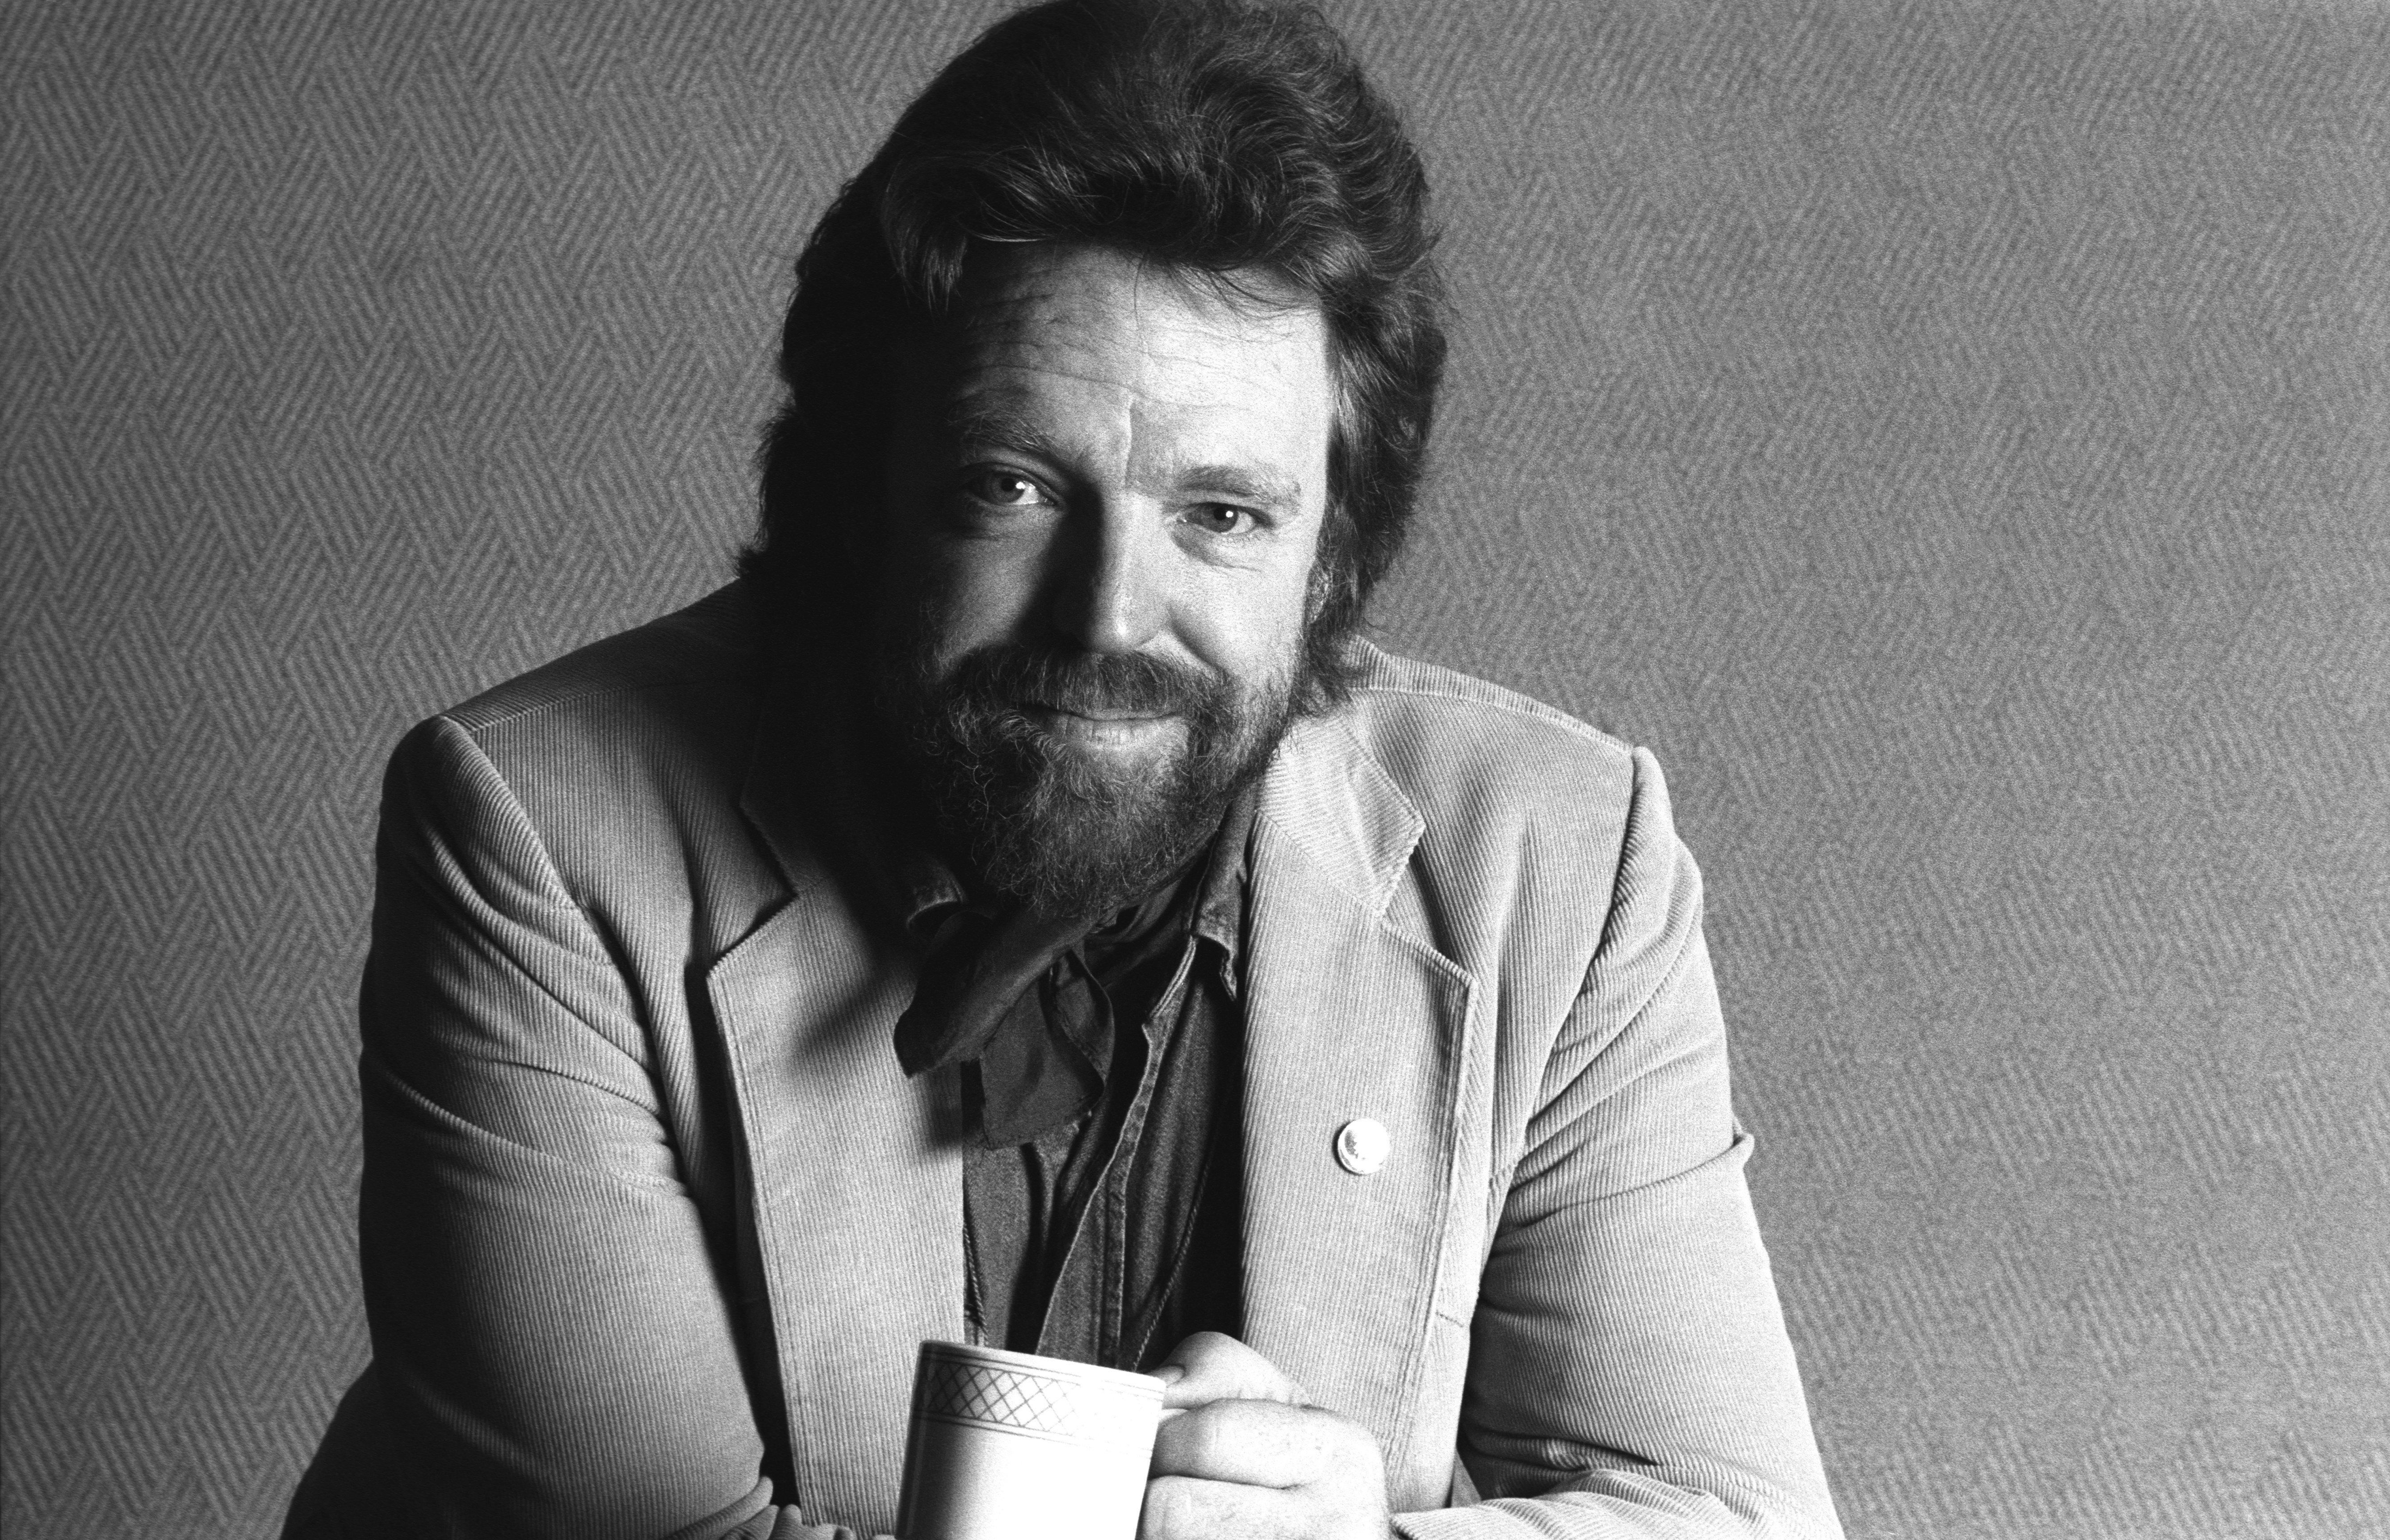 John Perry Barlow, Internet pioneer and songwriter, dies at 70